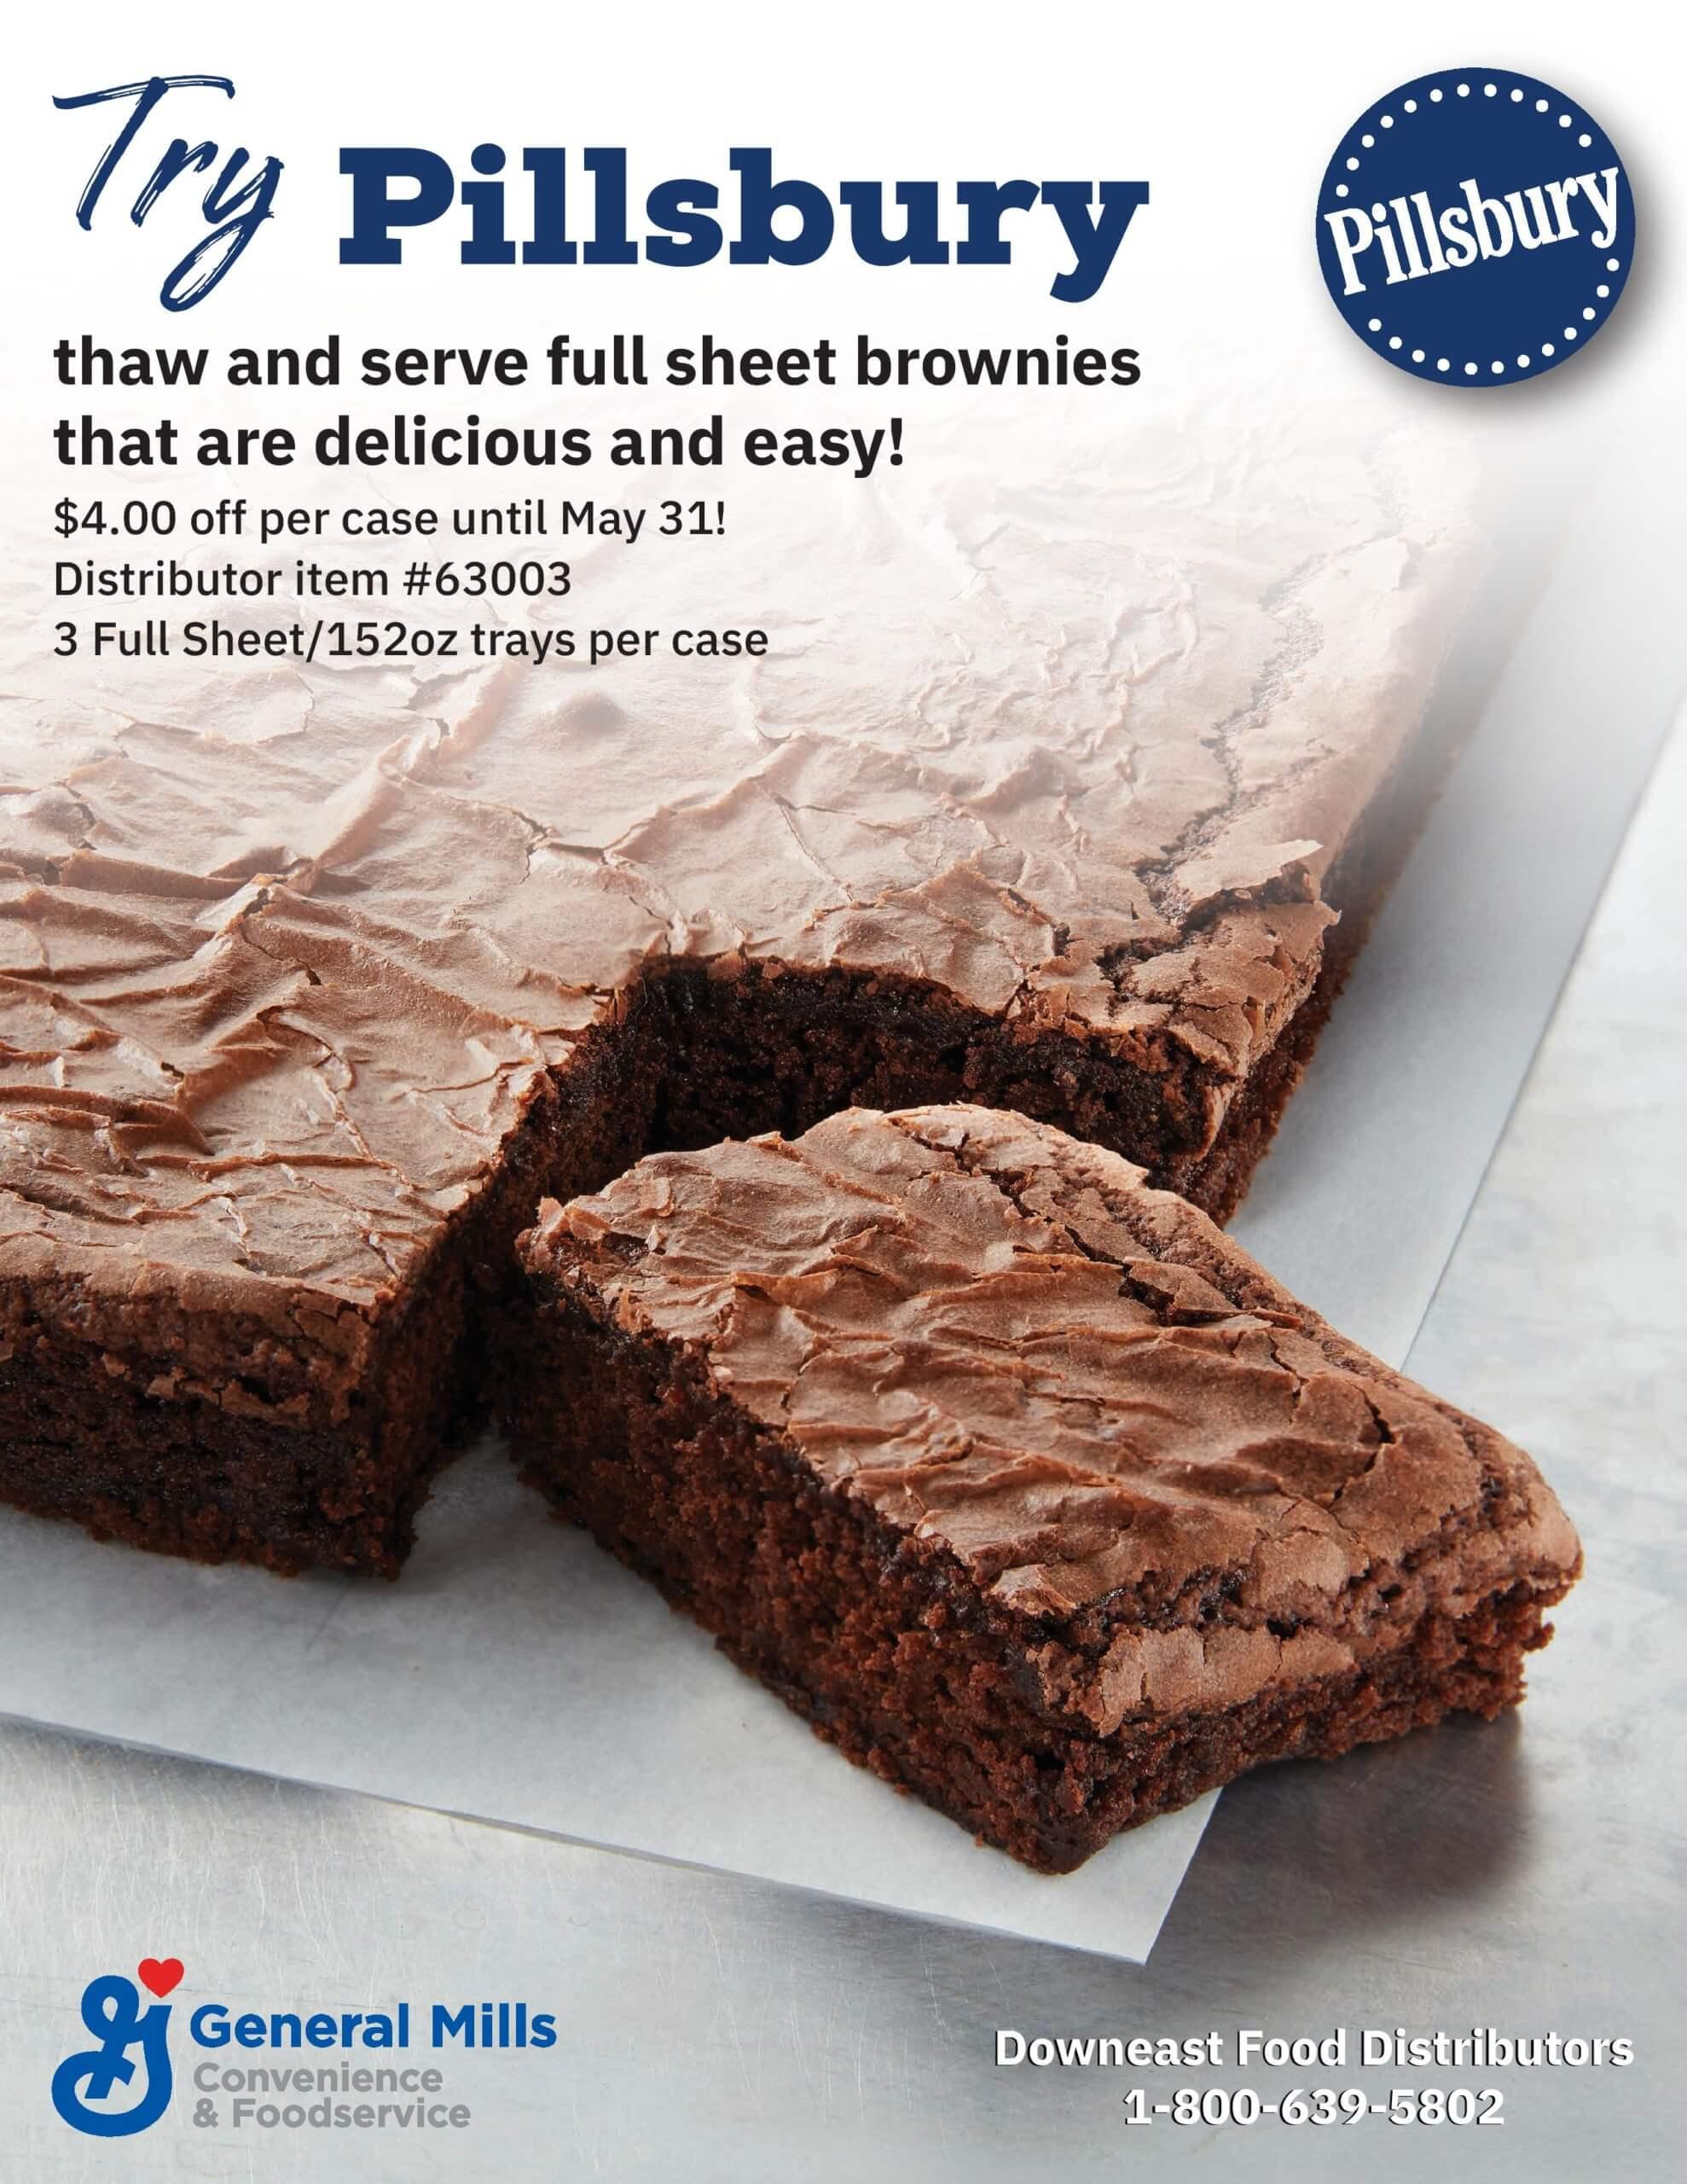 MSO-11265_CF_Sales_Downeast_Foods_Flyer_V2_op2_LR (2)-page-001